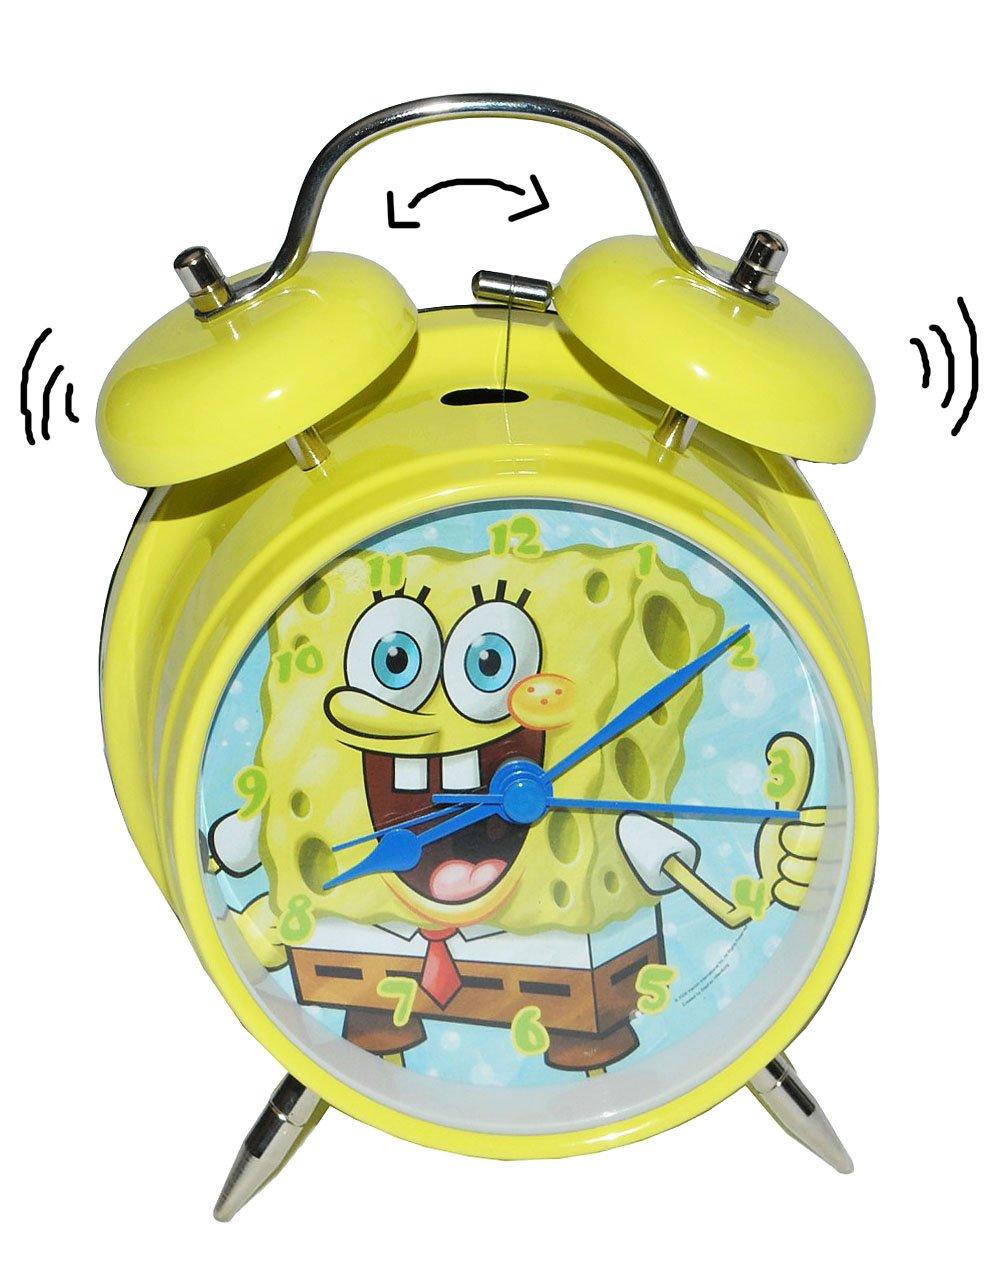 Kinderwecker Spongebob – für Kinder Metall großer Wecker Analog – Alarm Metallwecker – Schwammkopf Robert Jungen Mädchen jetzt kaufen